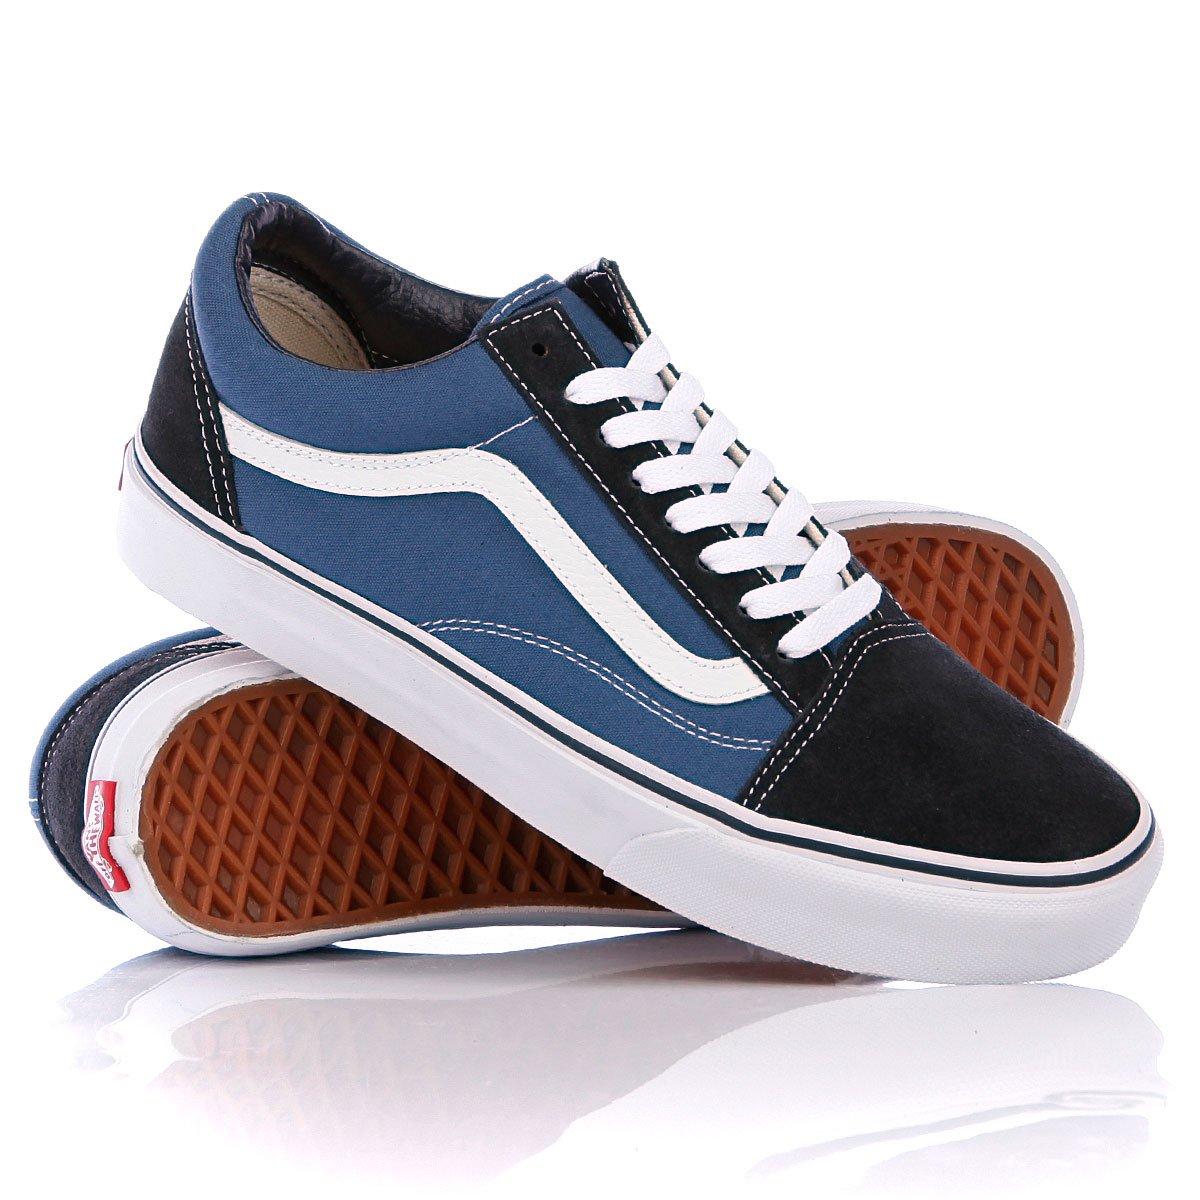 Купить кеды Vans Old Skool Navy (280413vans17) в интернет-магазине  Proskater.kz 0d1ce8d5bfaec